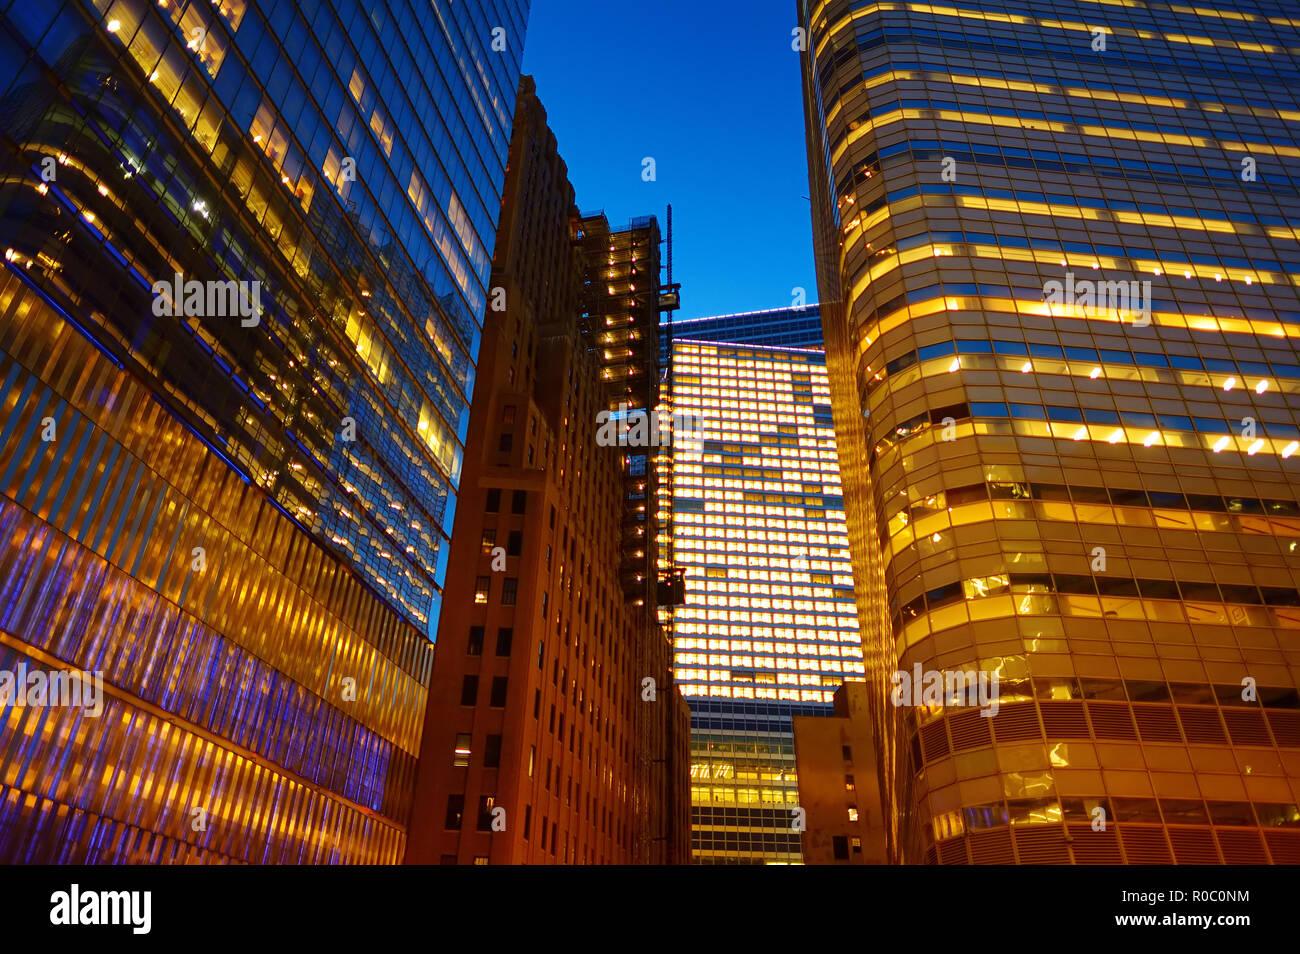 Iluminación Y Luces Nocturnas De La Ciudad De Nueva York La Vida